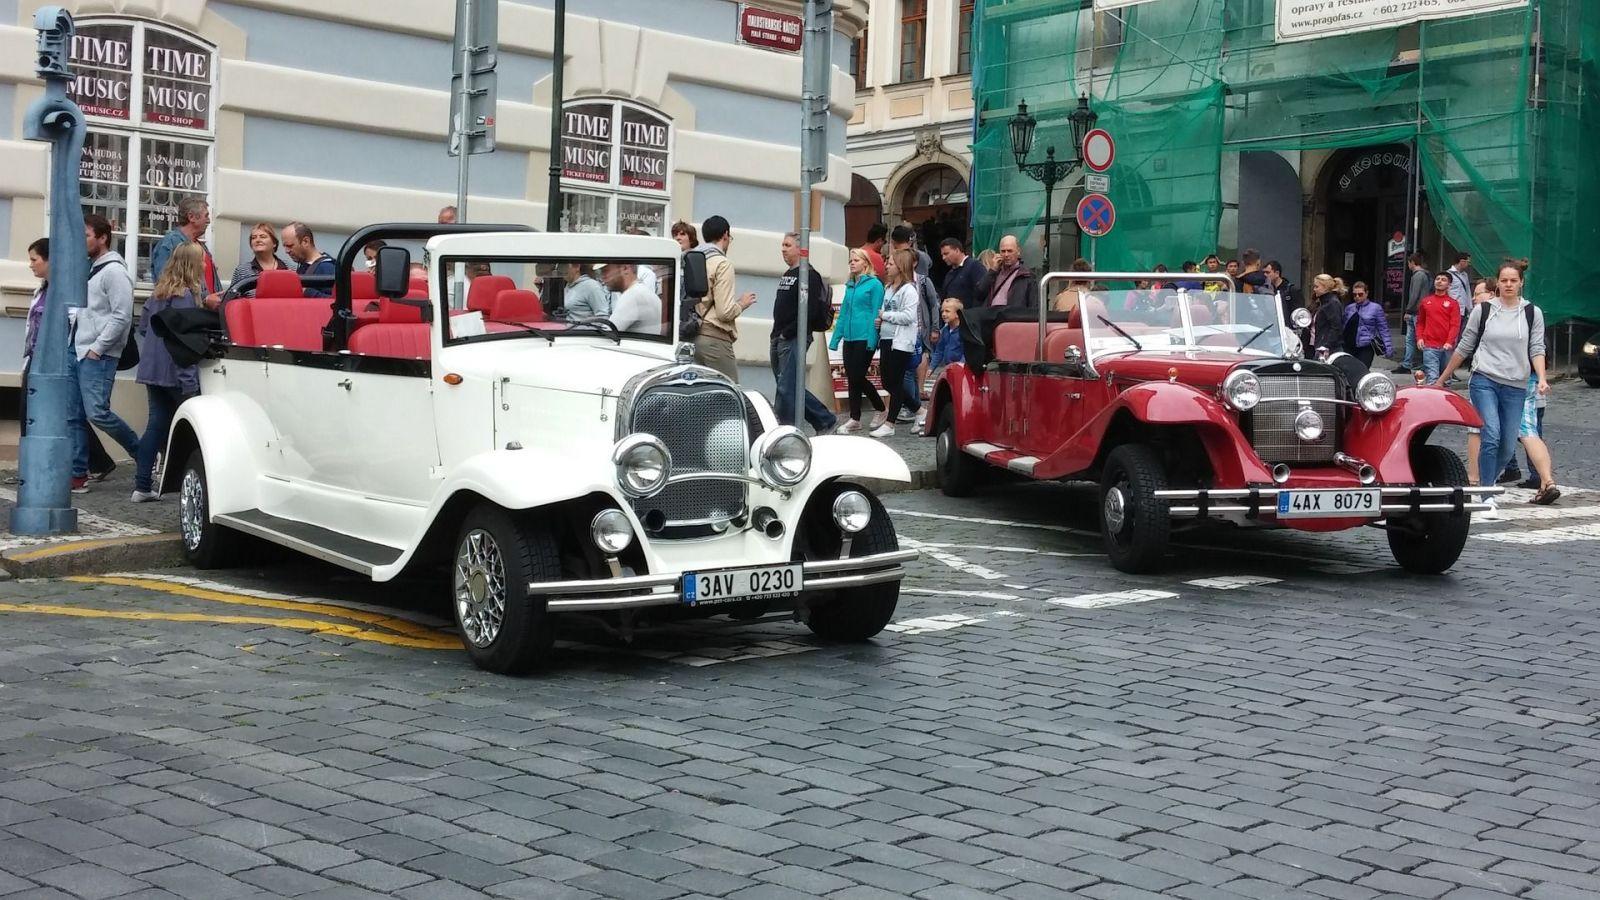 Repliky veteránů v centru Prahy jsou oficiálně rolby a traktory. Porušují předpisy a 95 % zkontrolovaných mělo závadu